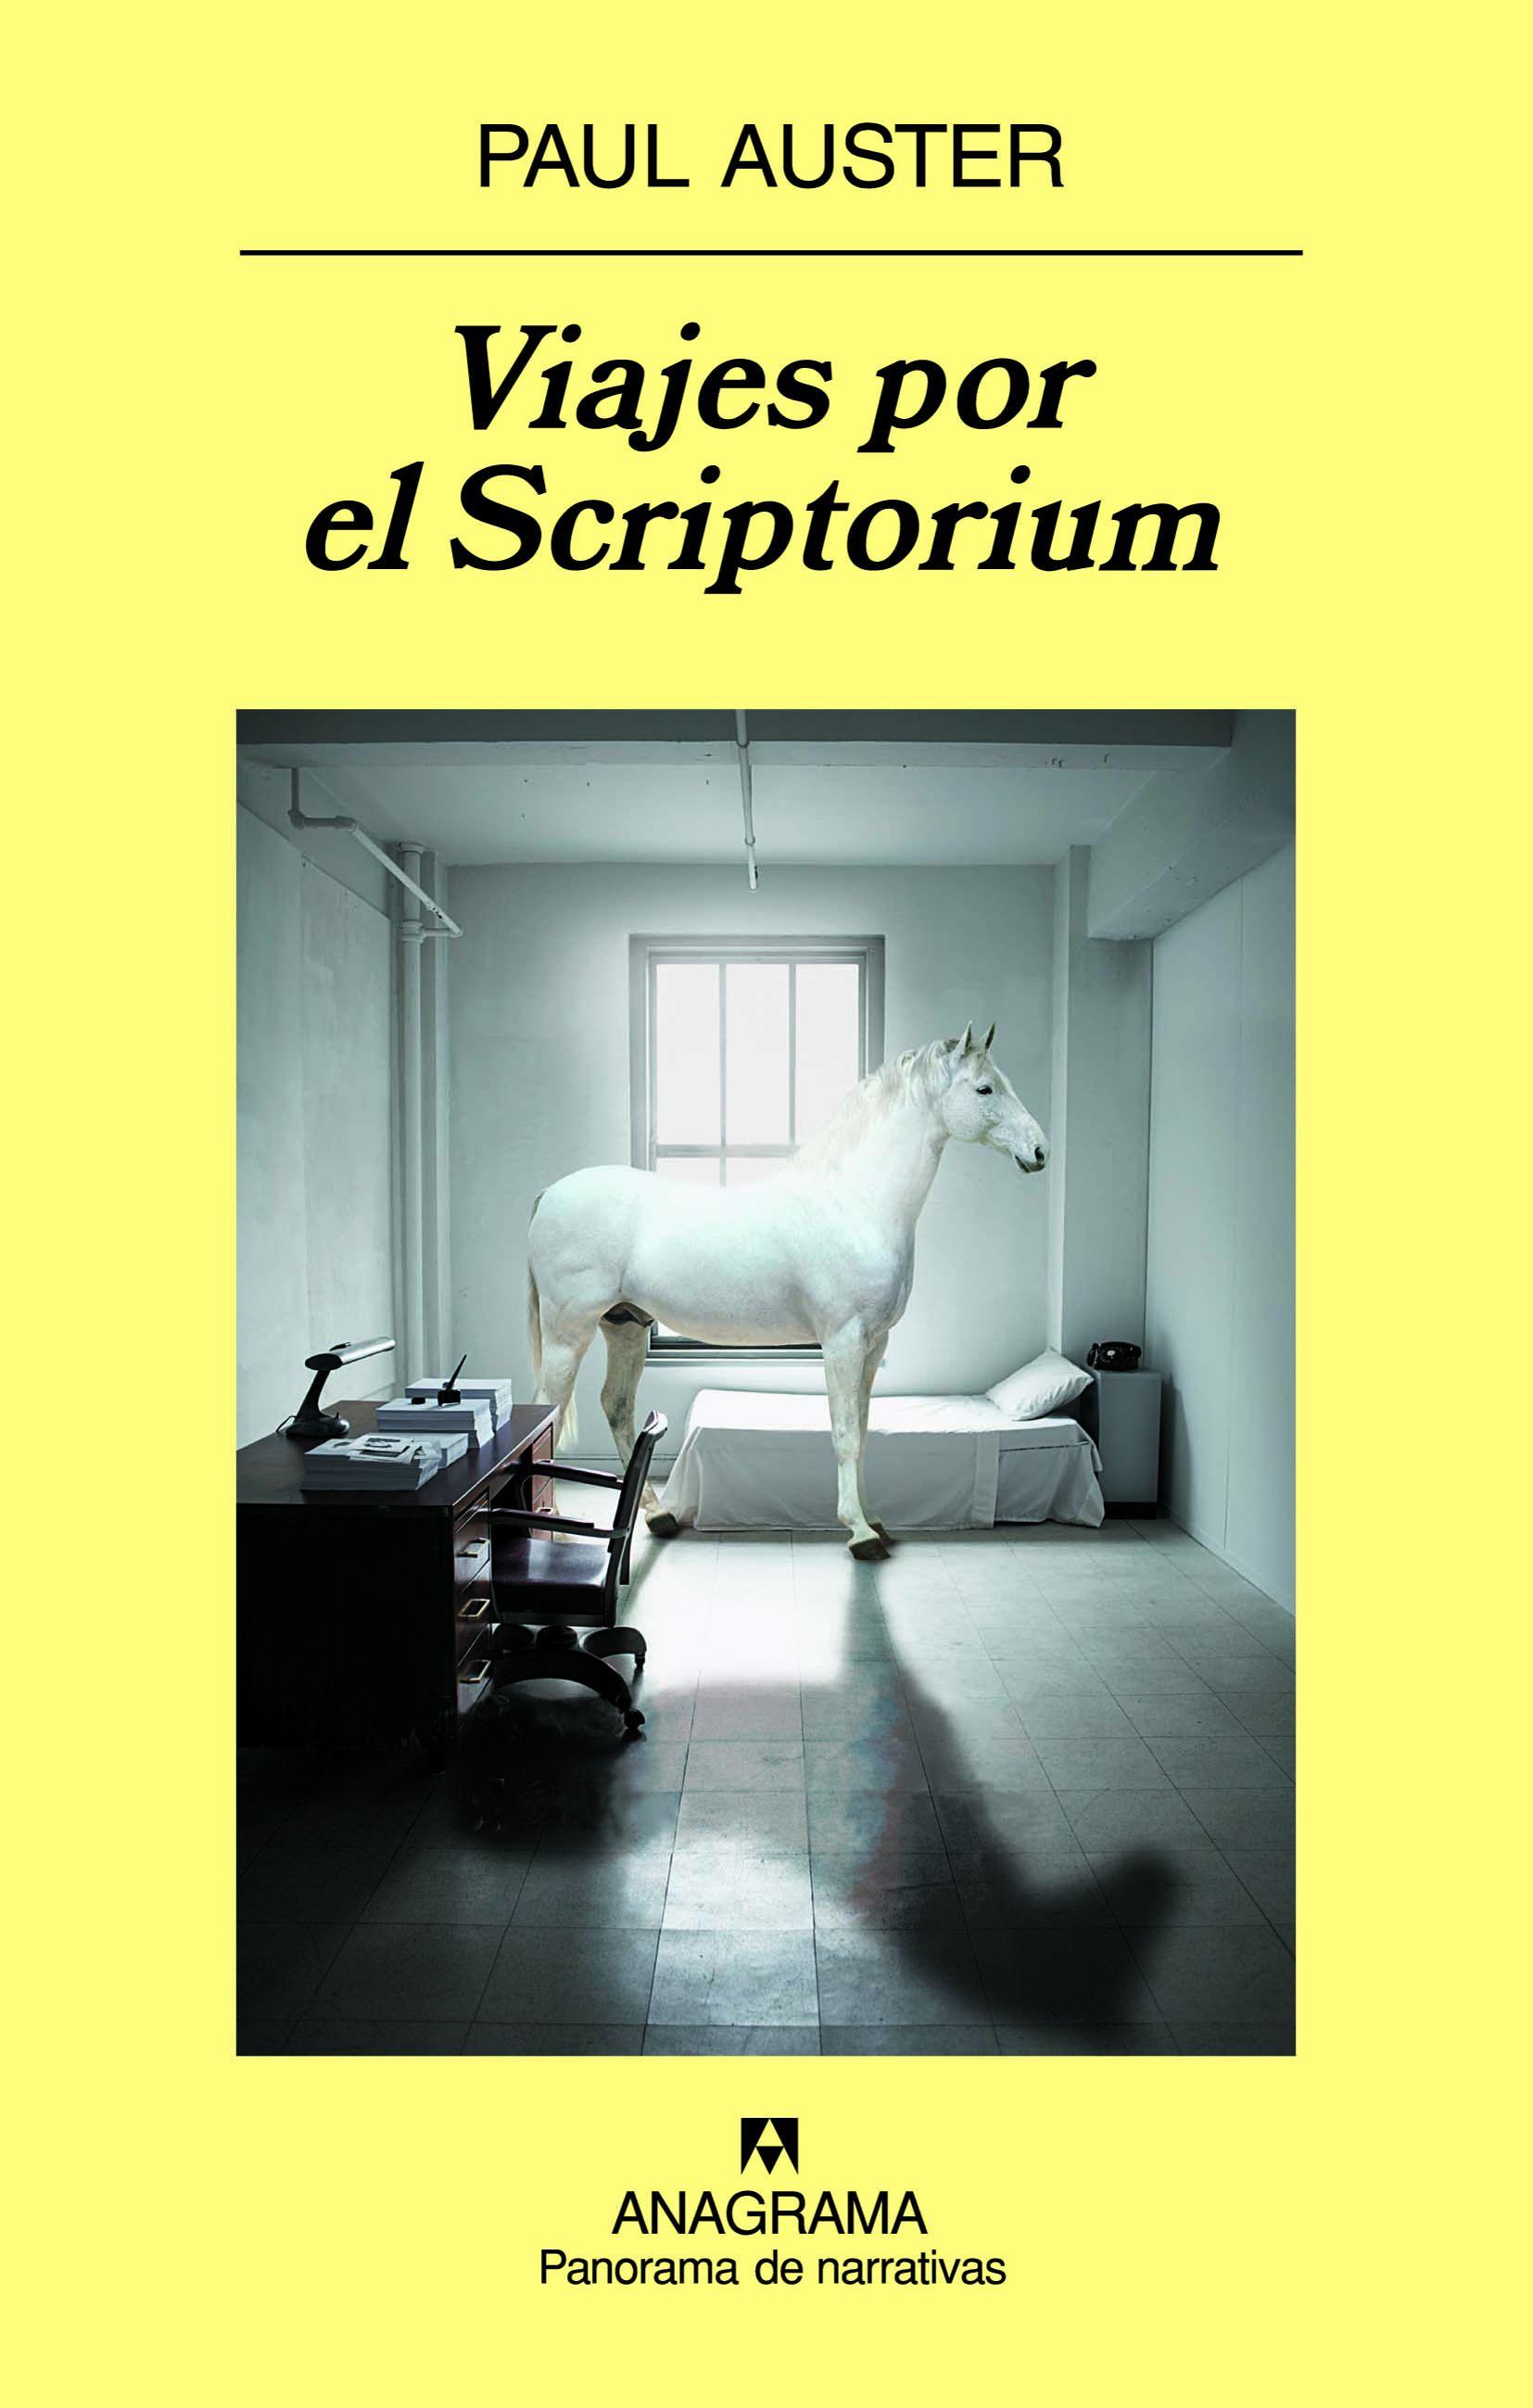 Resultado de imagen para Paul Auster - Viajes por el Scriptorium